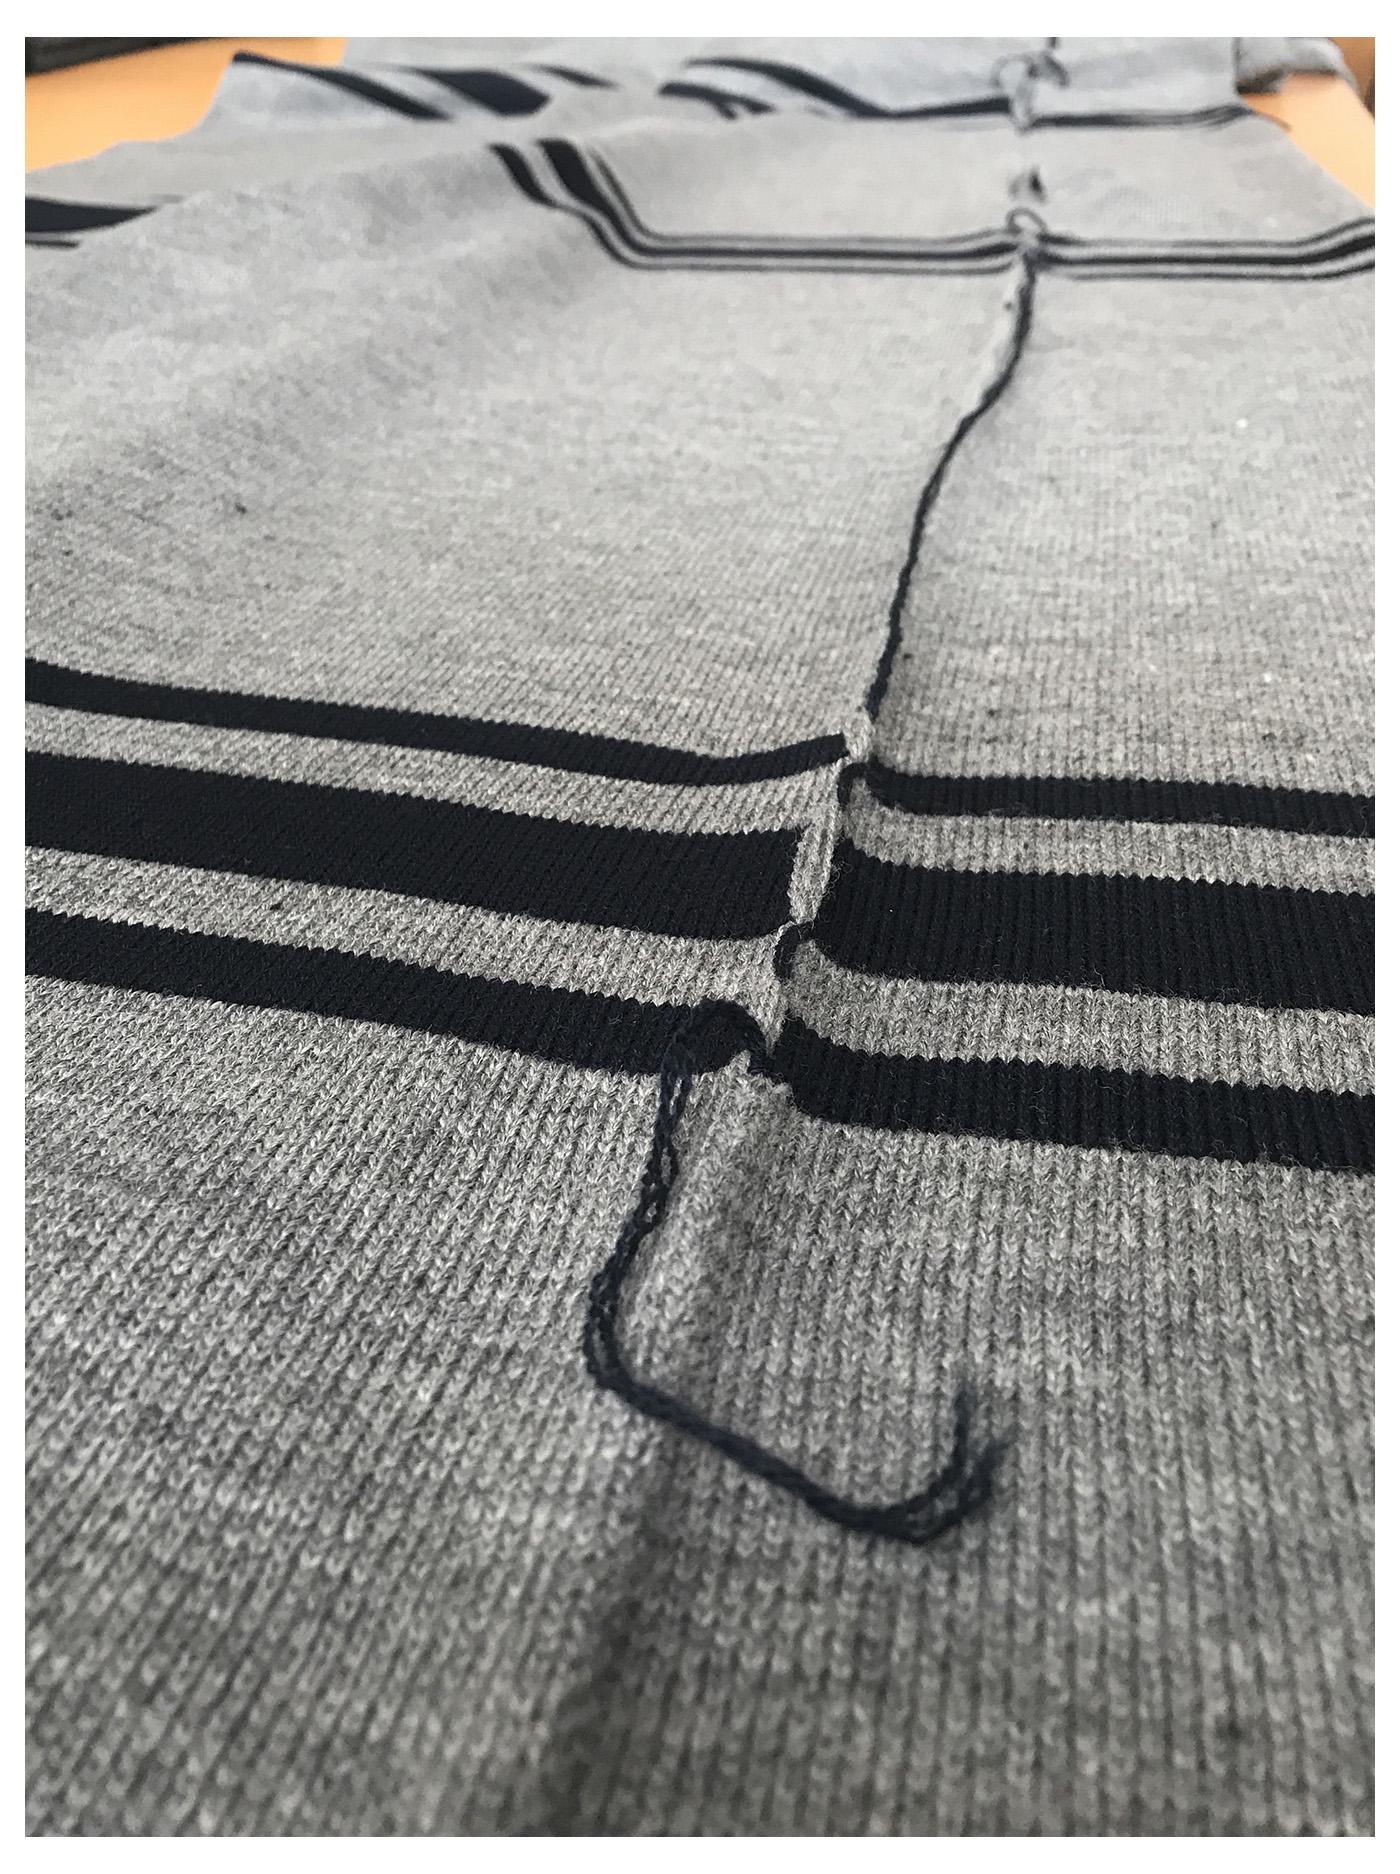 Blanket_Pillow_8.jpg